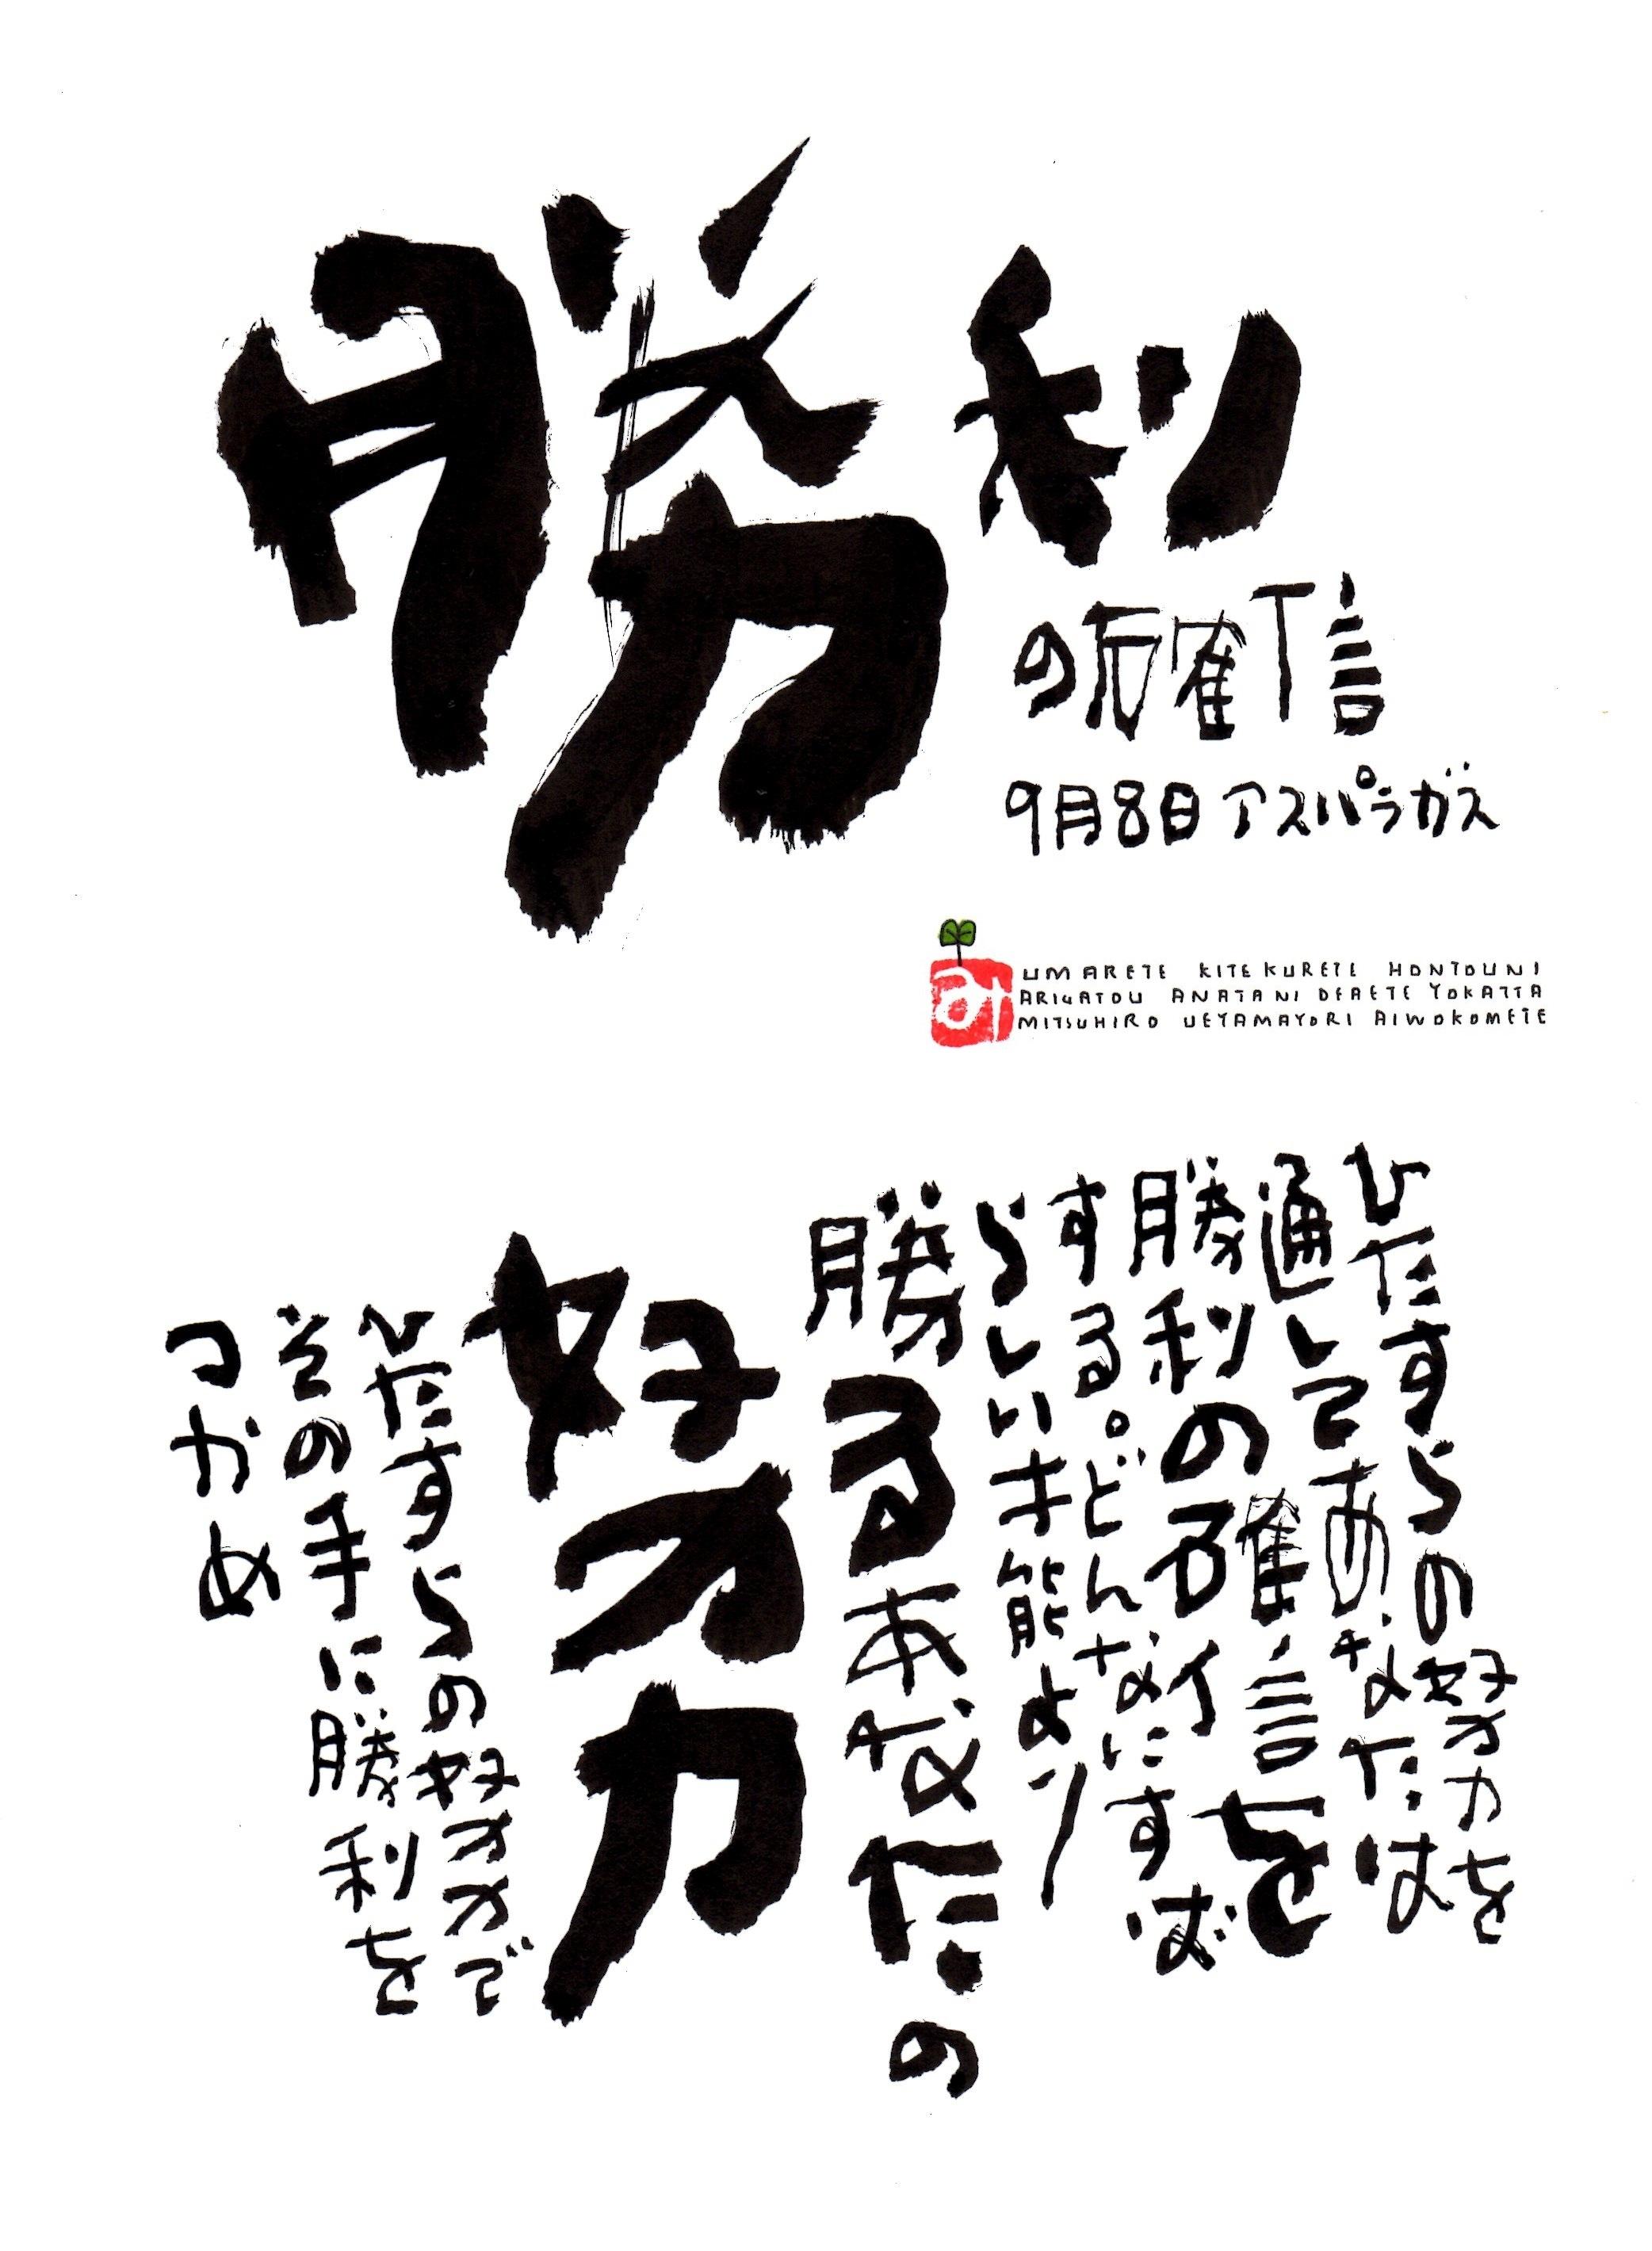 9月8日 誕生日ポストカード【勝利の確信】Conviction of victory